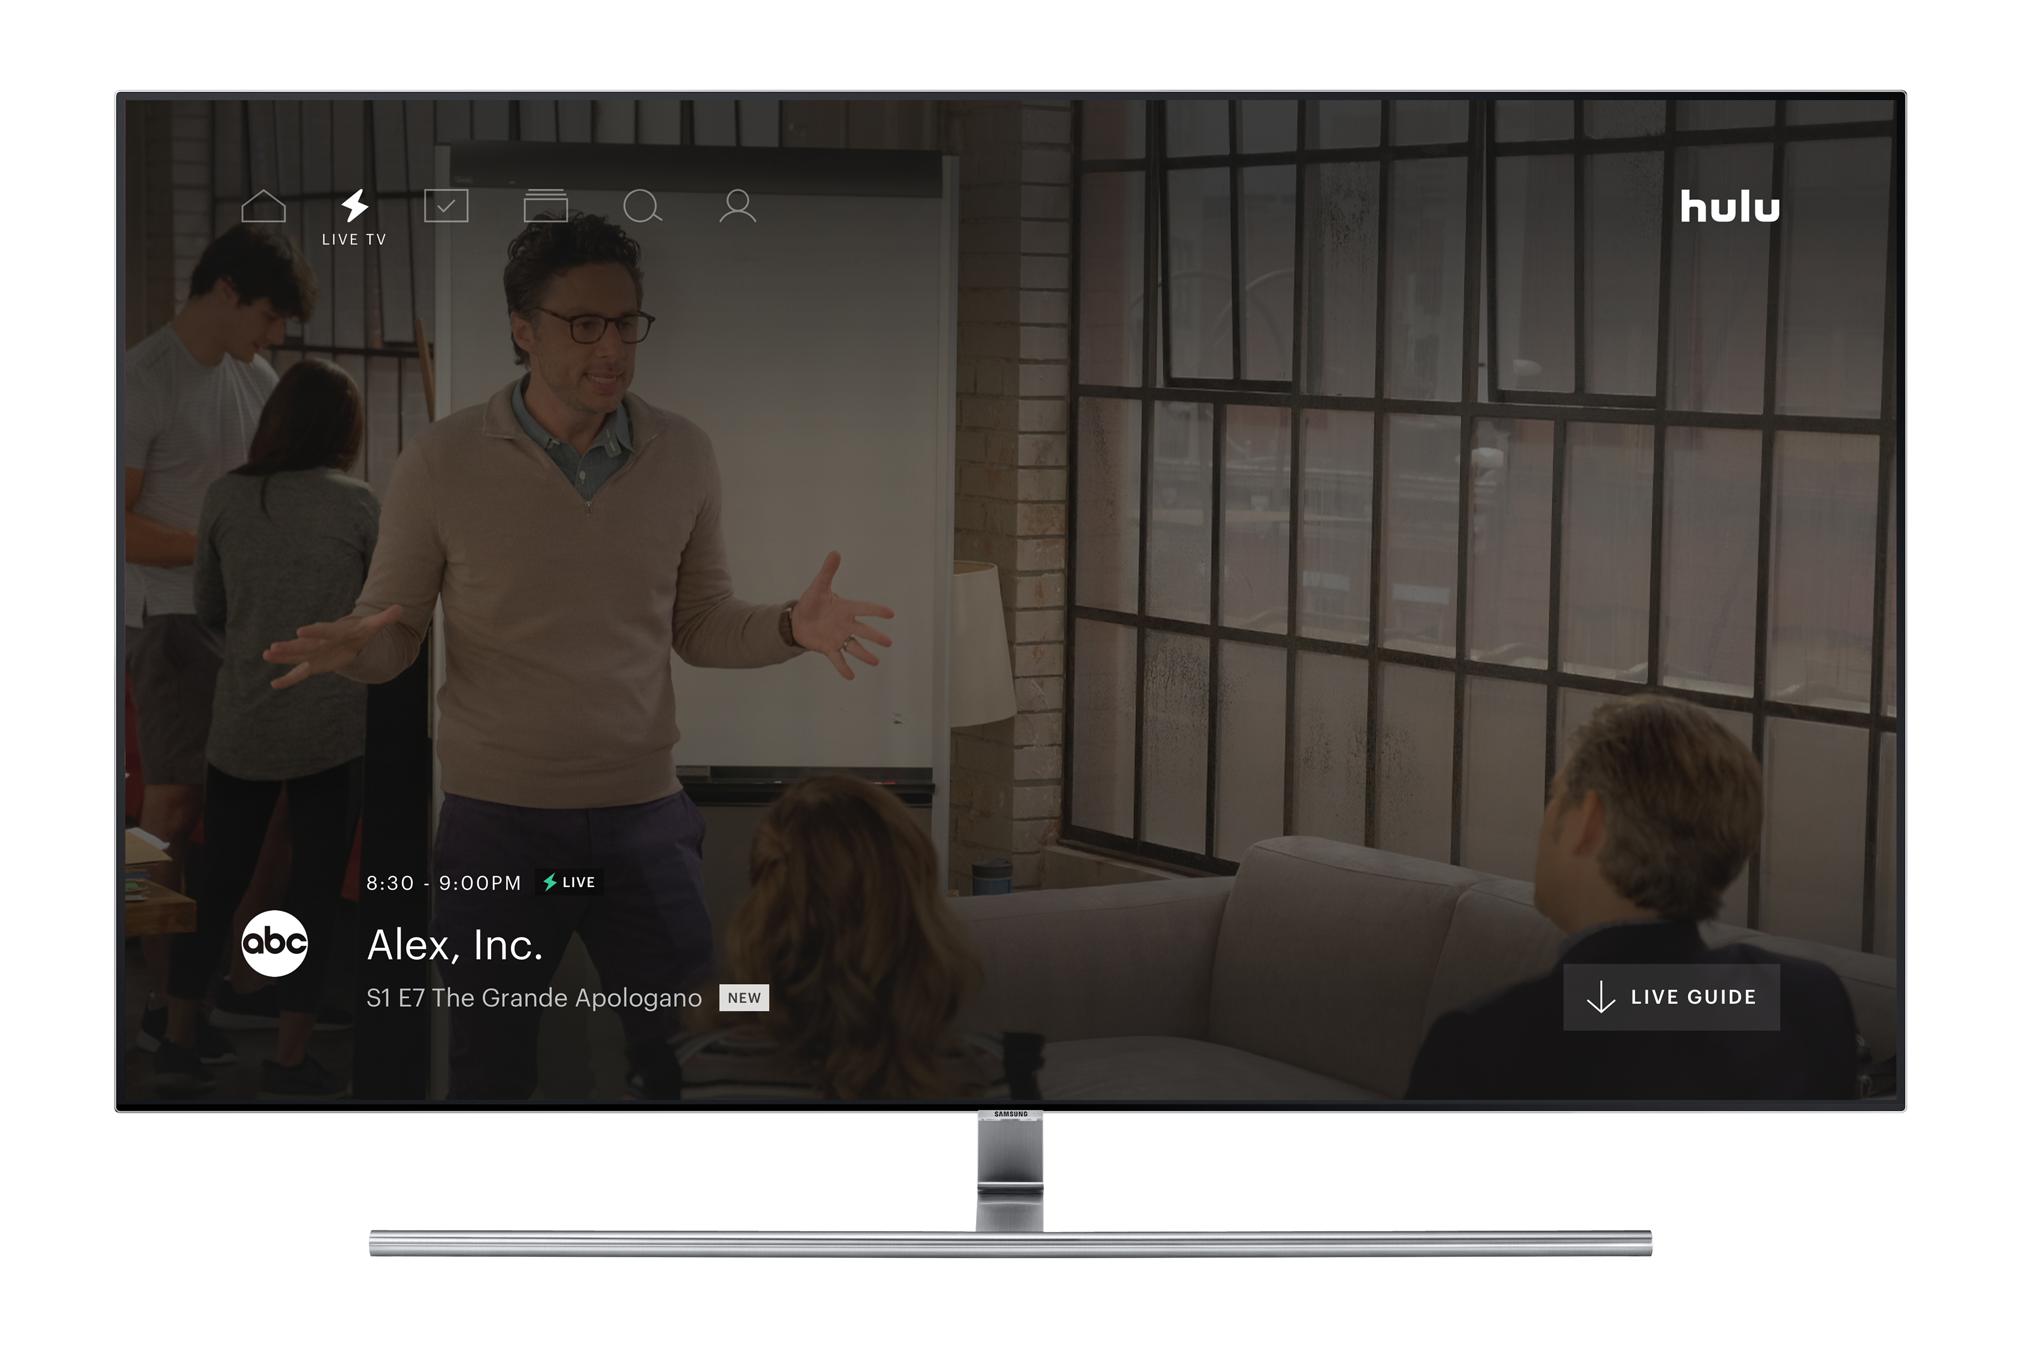 Hulu's live tv service on a TV.